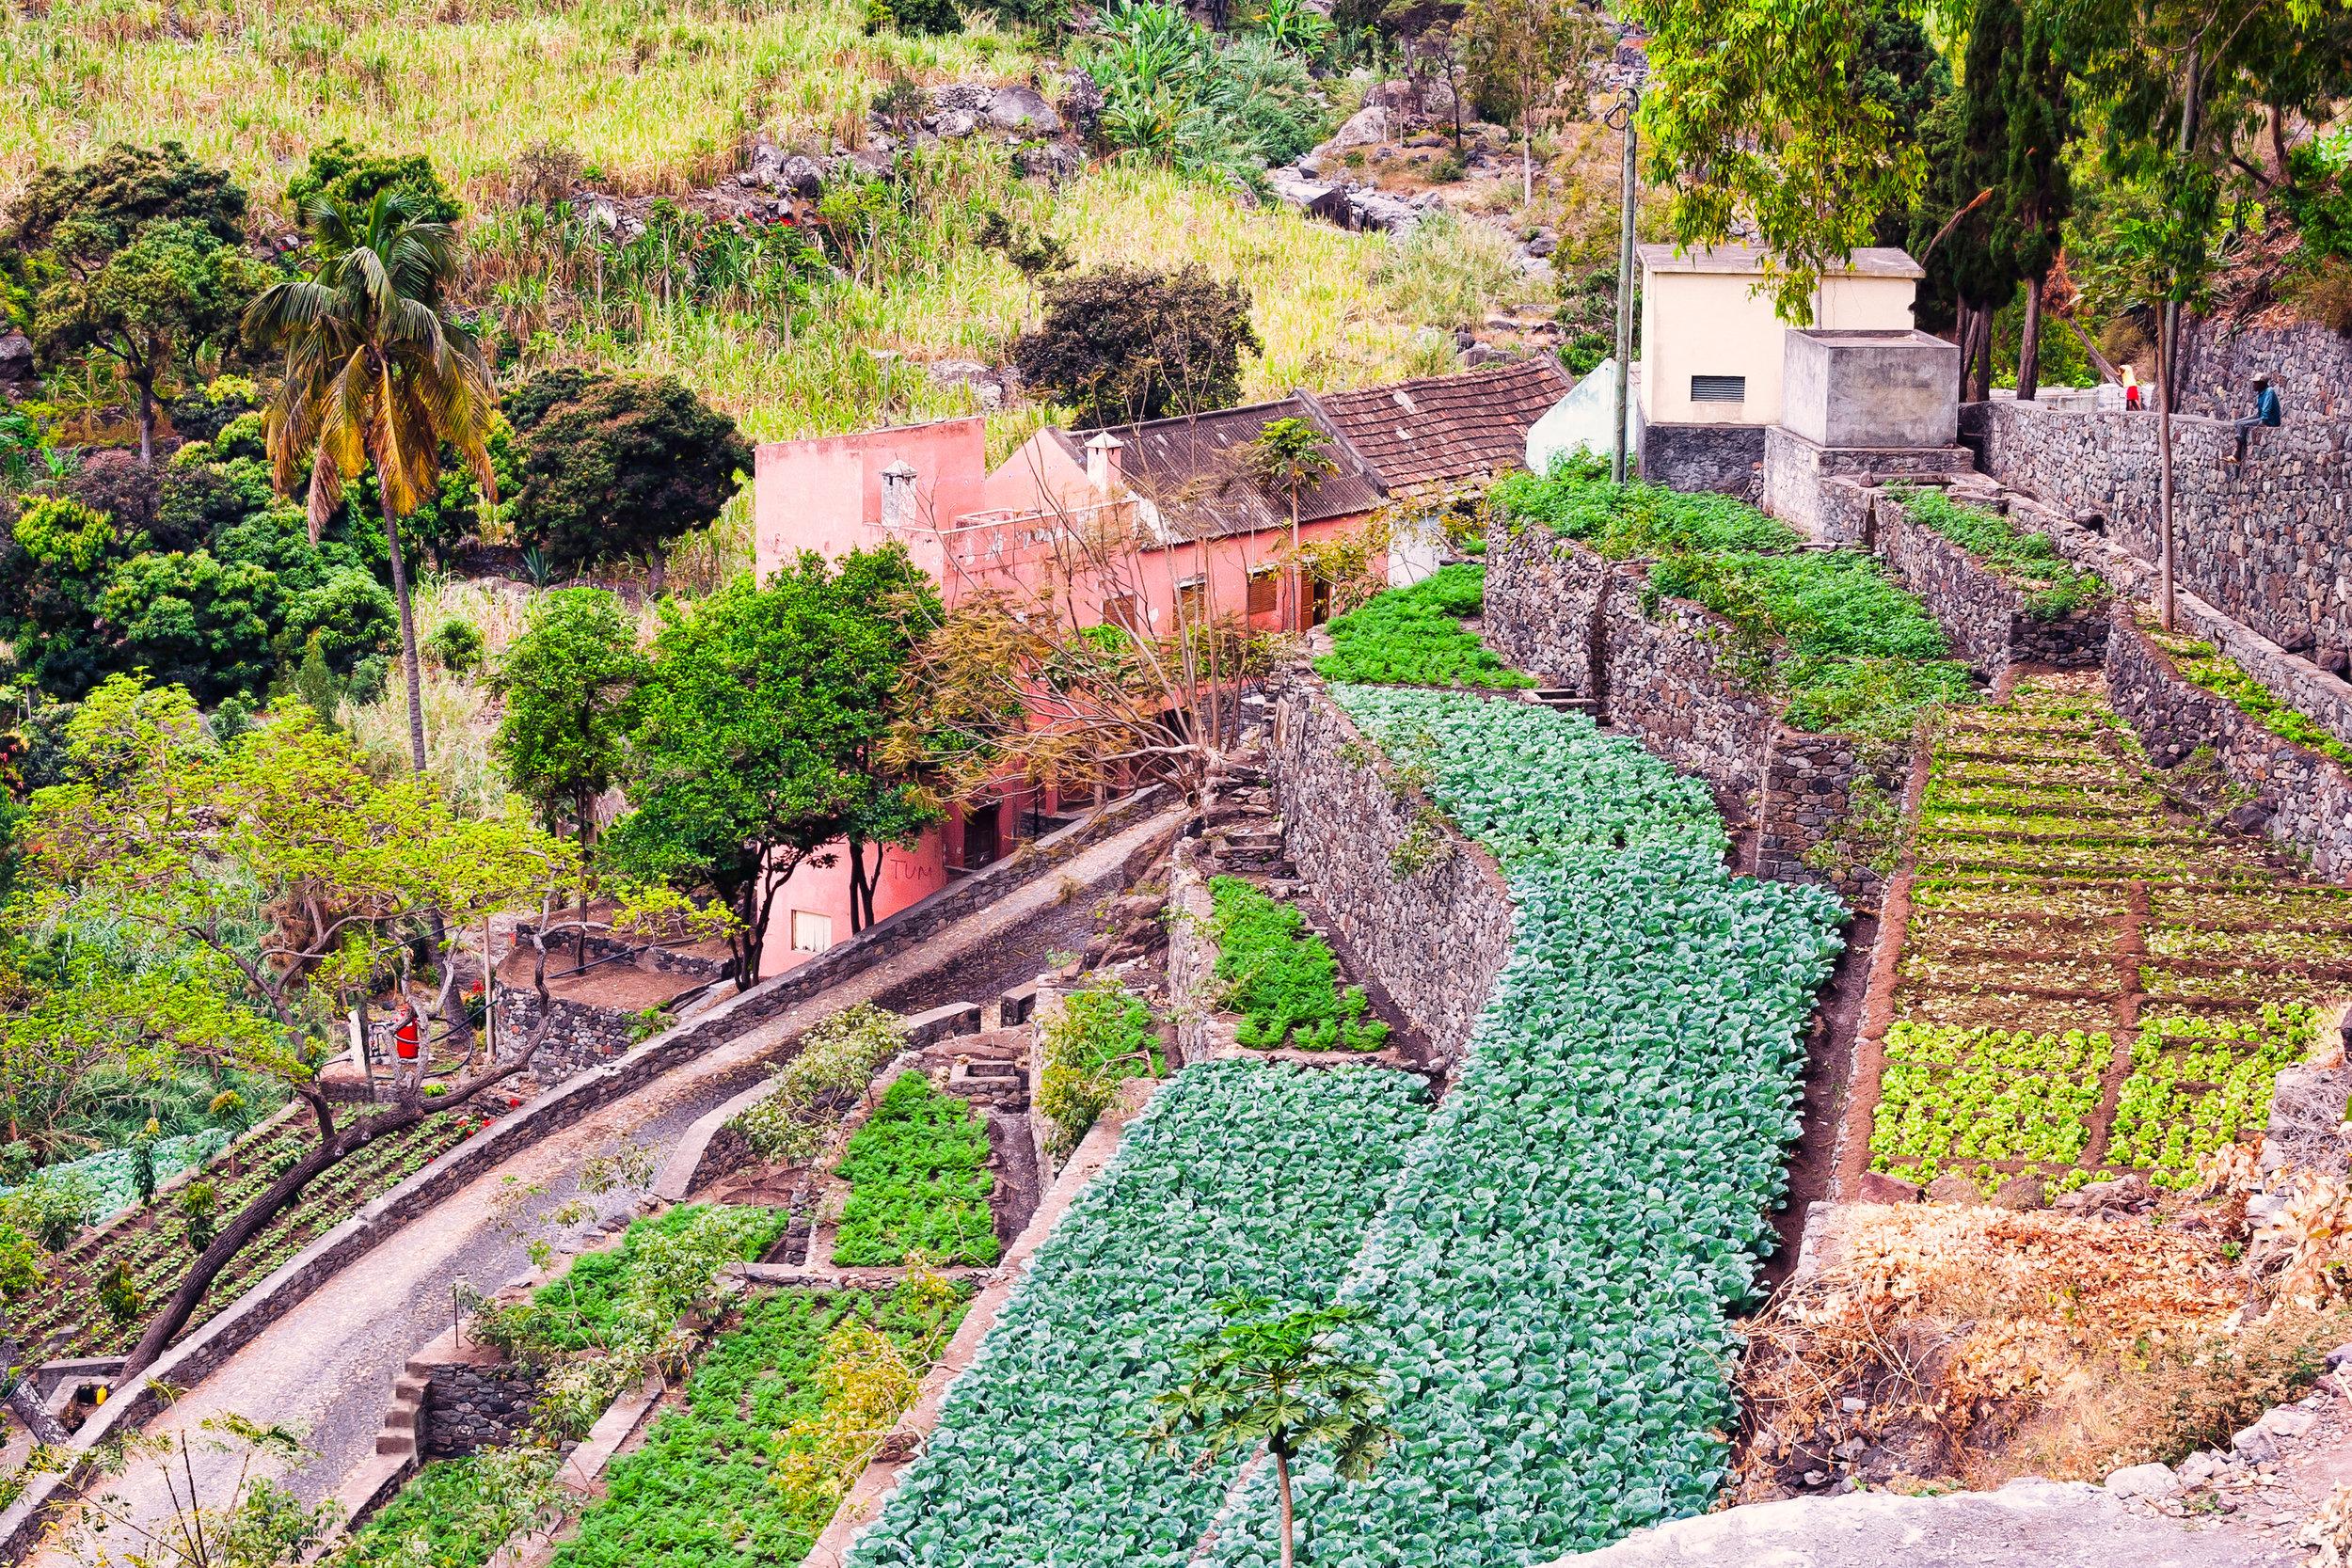 Besøk Kapp Verde - Historiske Sao Vicente, grønne og kuperte Santo Antão, afrikanske Santiago og vulkanøya Fogo.